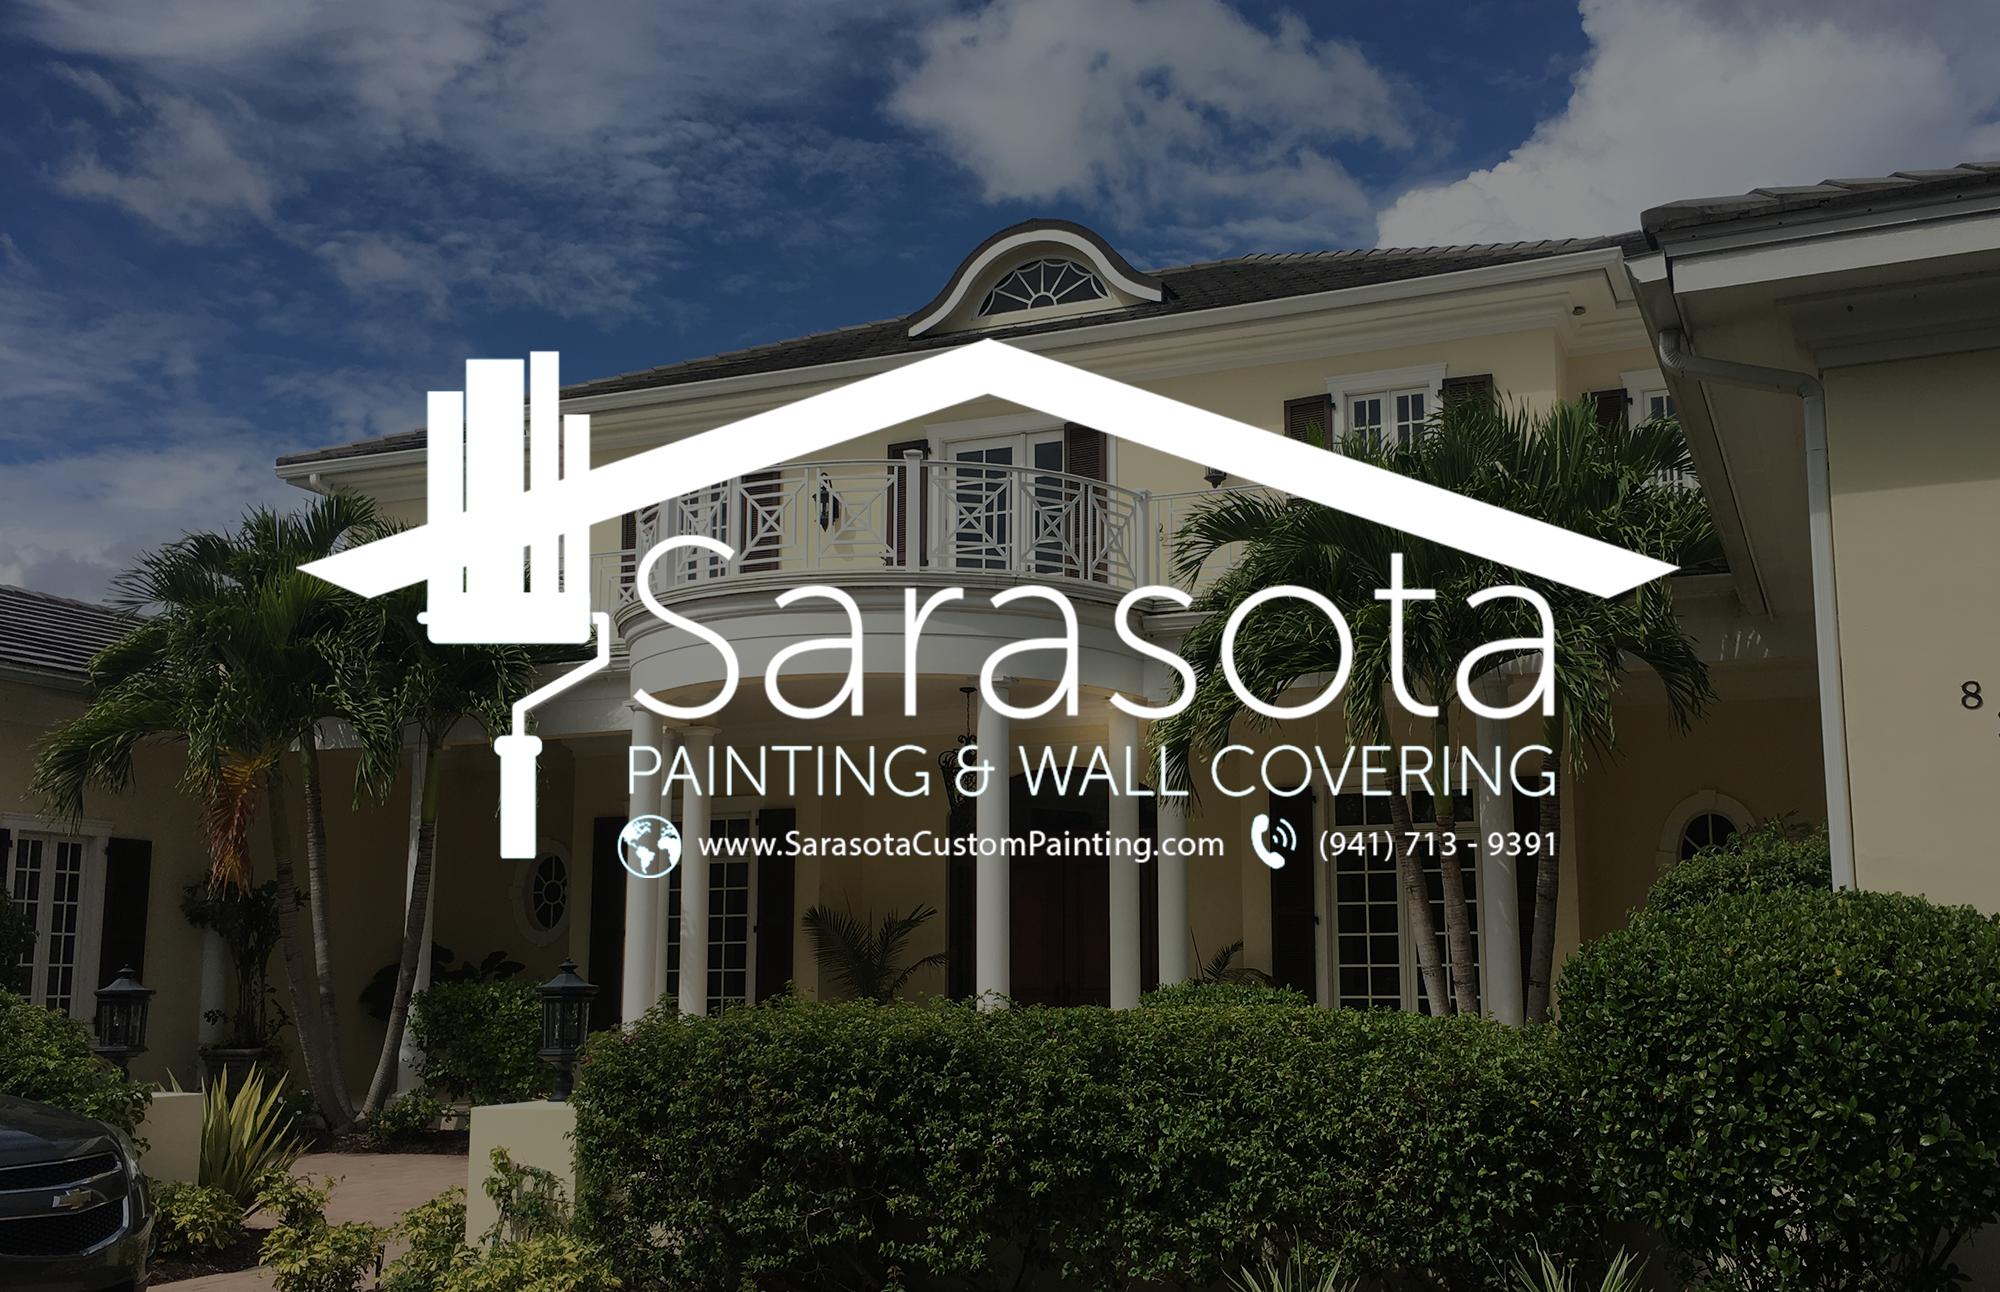 web design company Sarasota FL